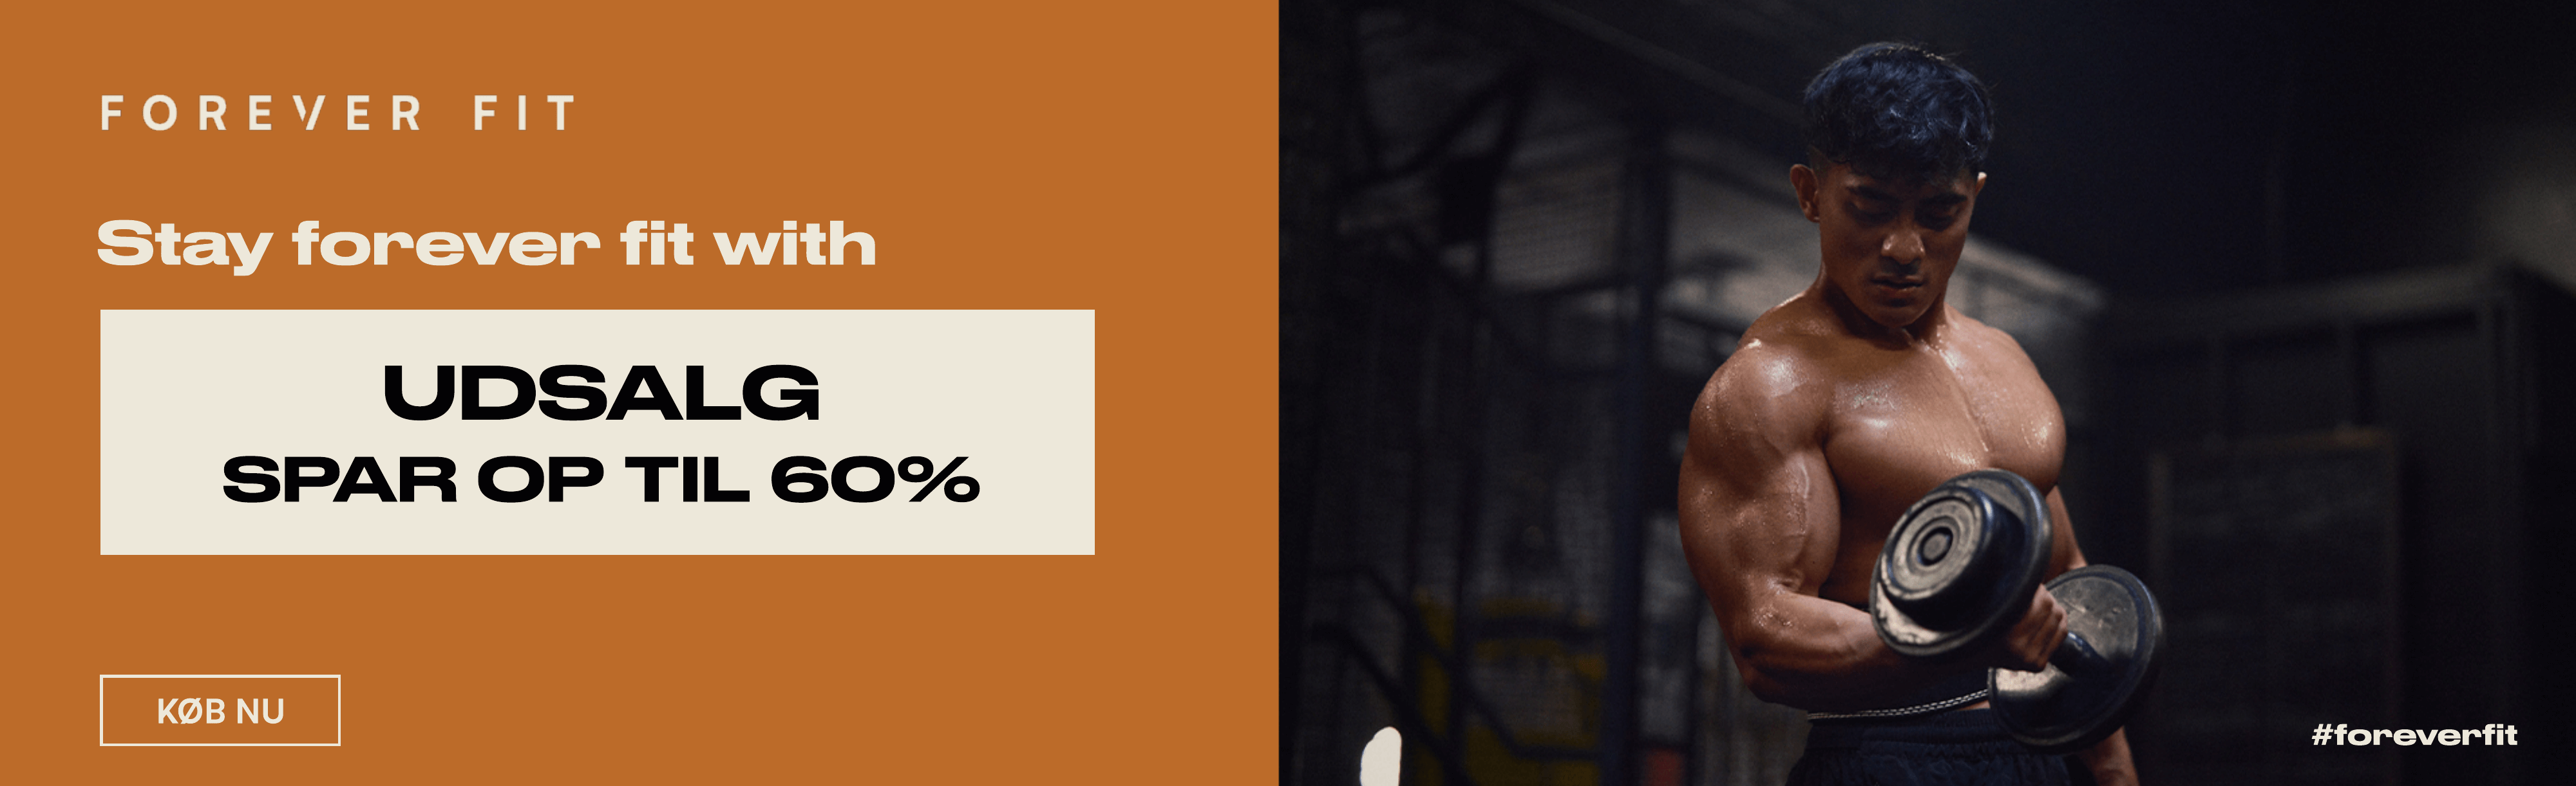 Udsalg - op til 60%